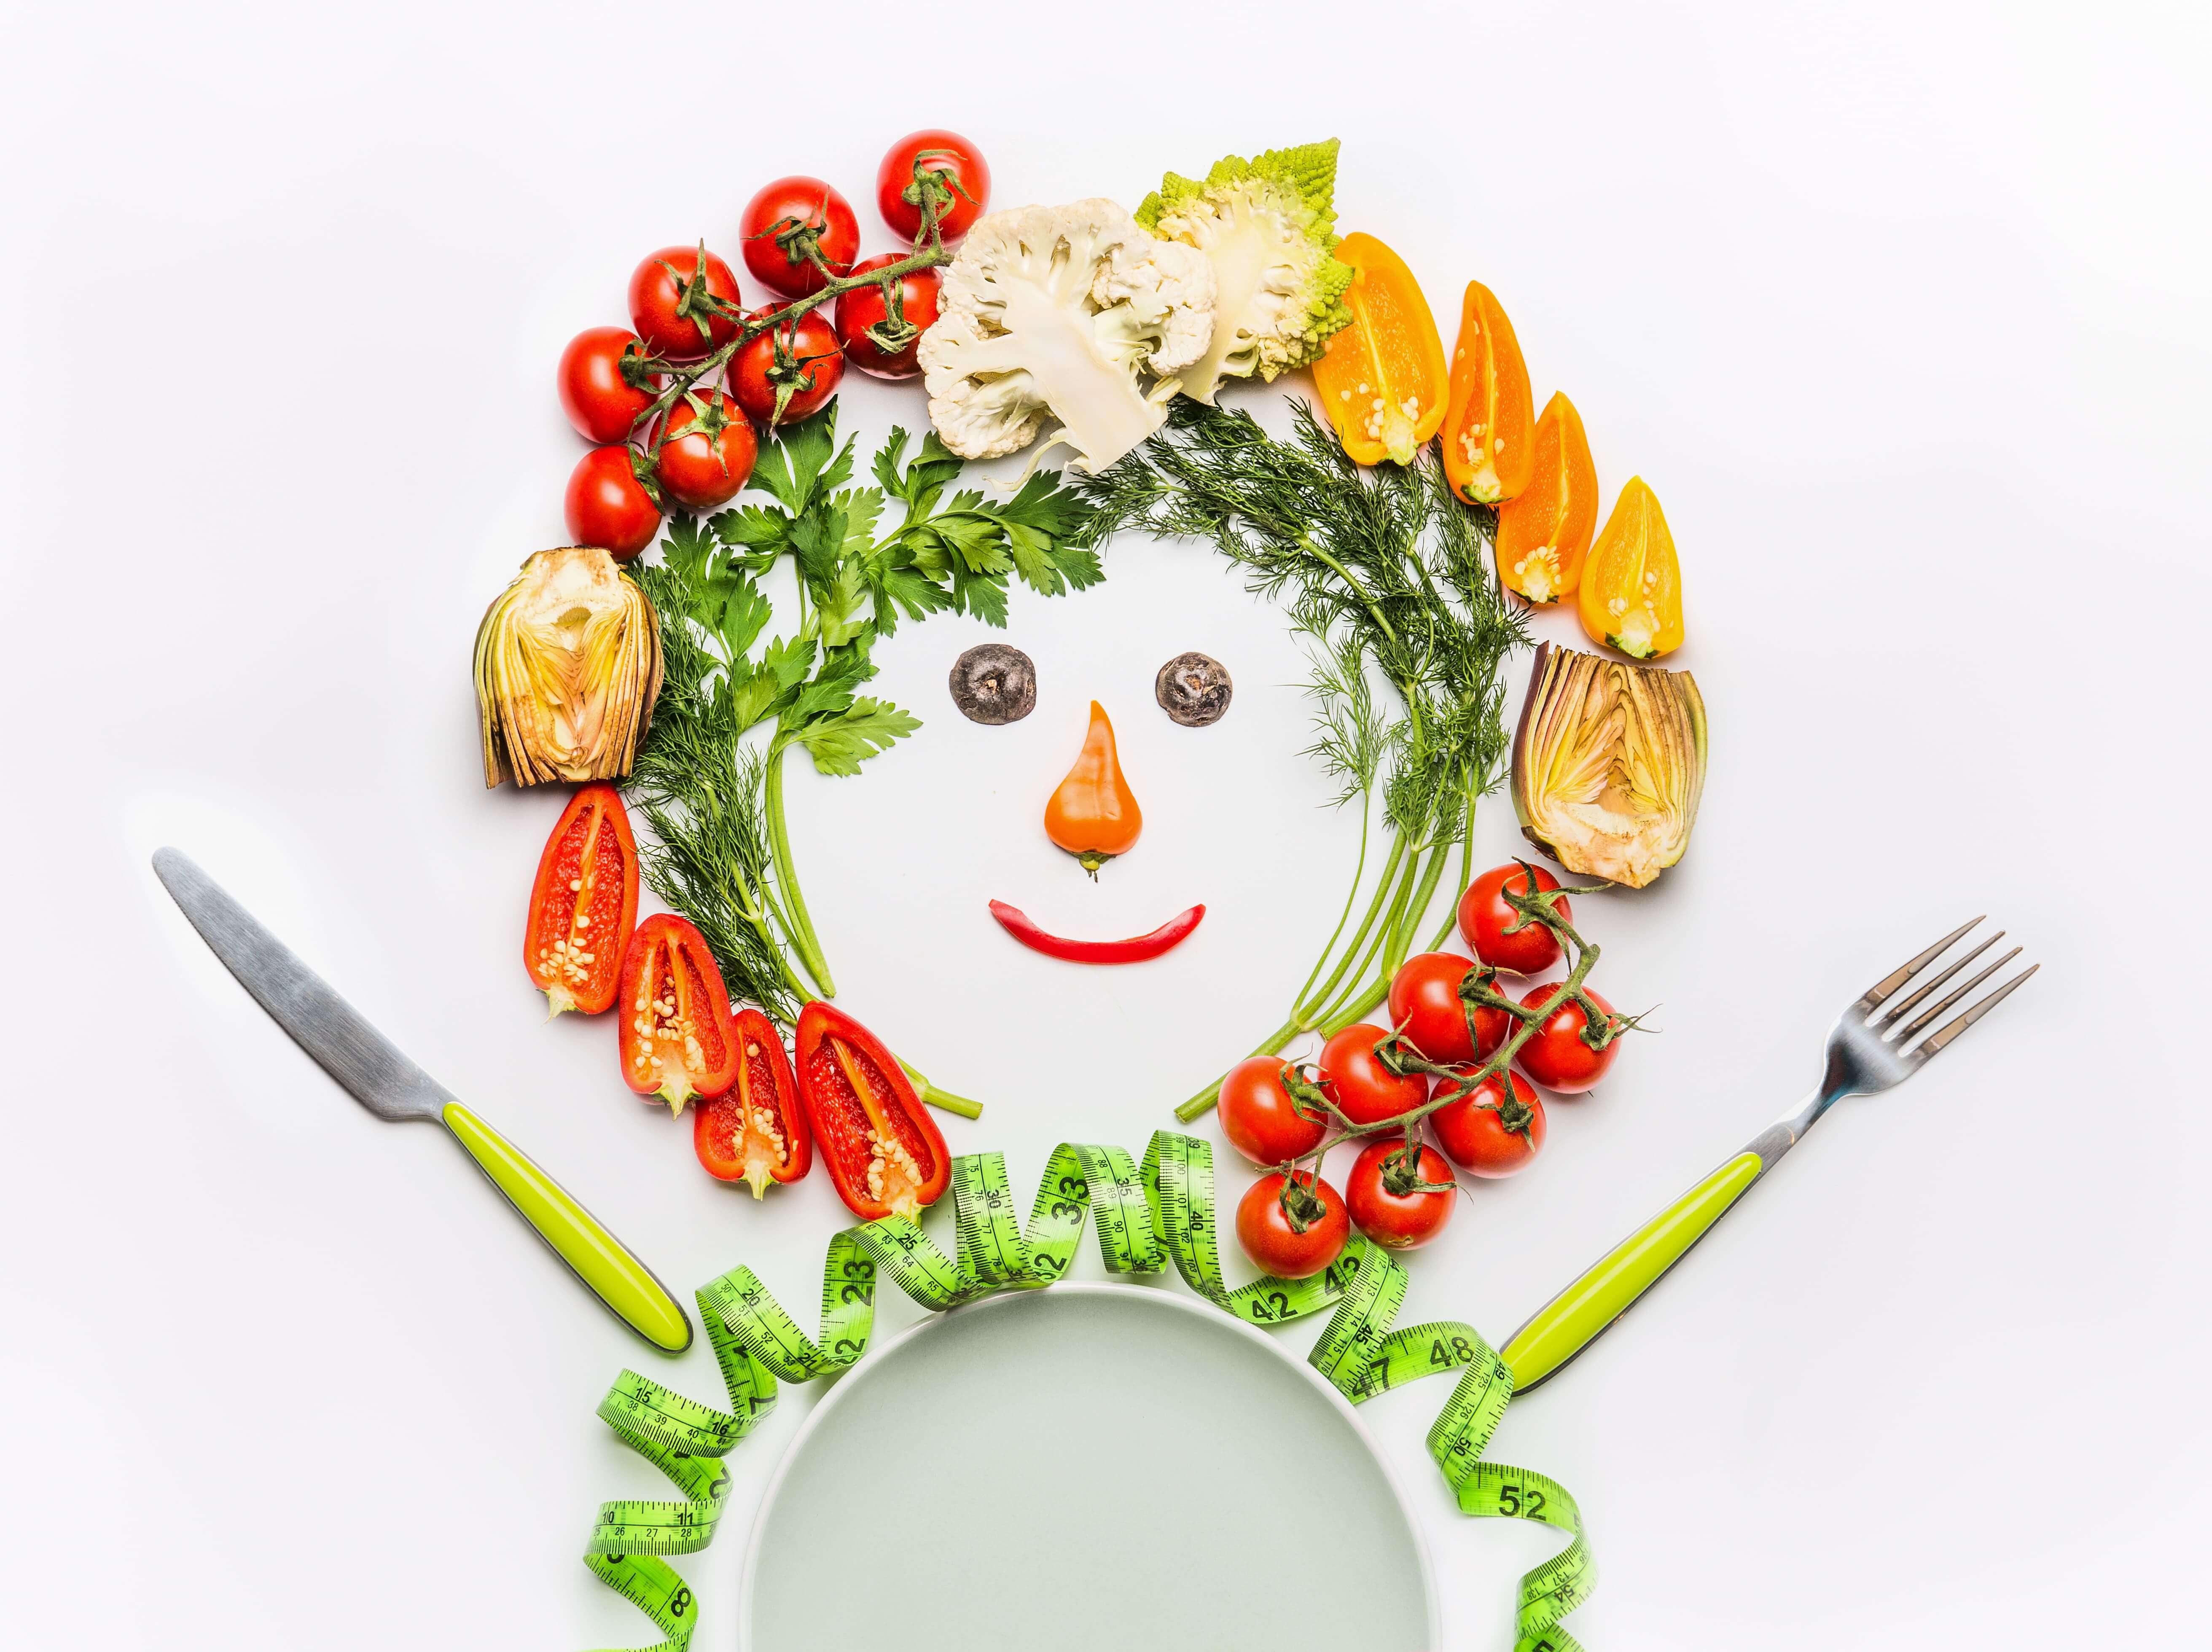 Haltbarkeit und Frischekriterien von Gemüse